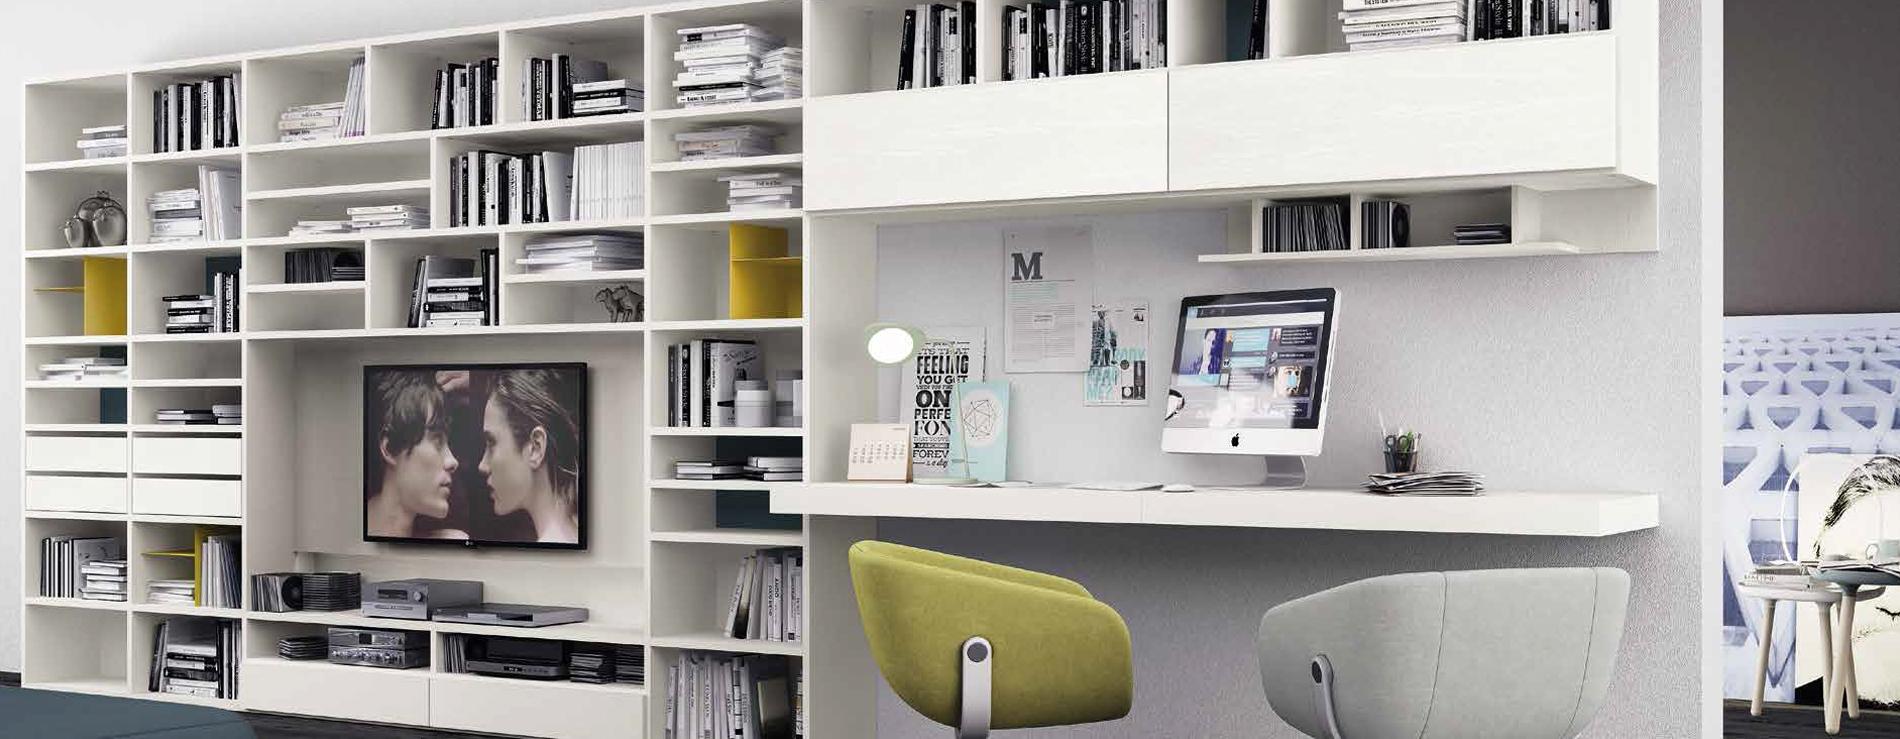 Infinity golf colombini centro mobili - Armadi da soggiorno ...